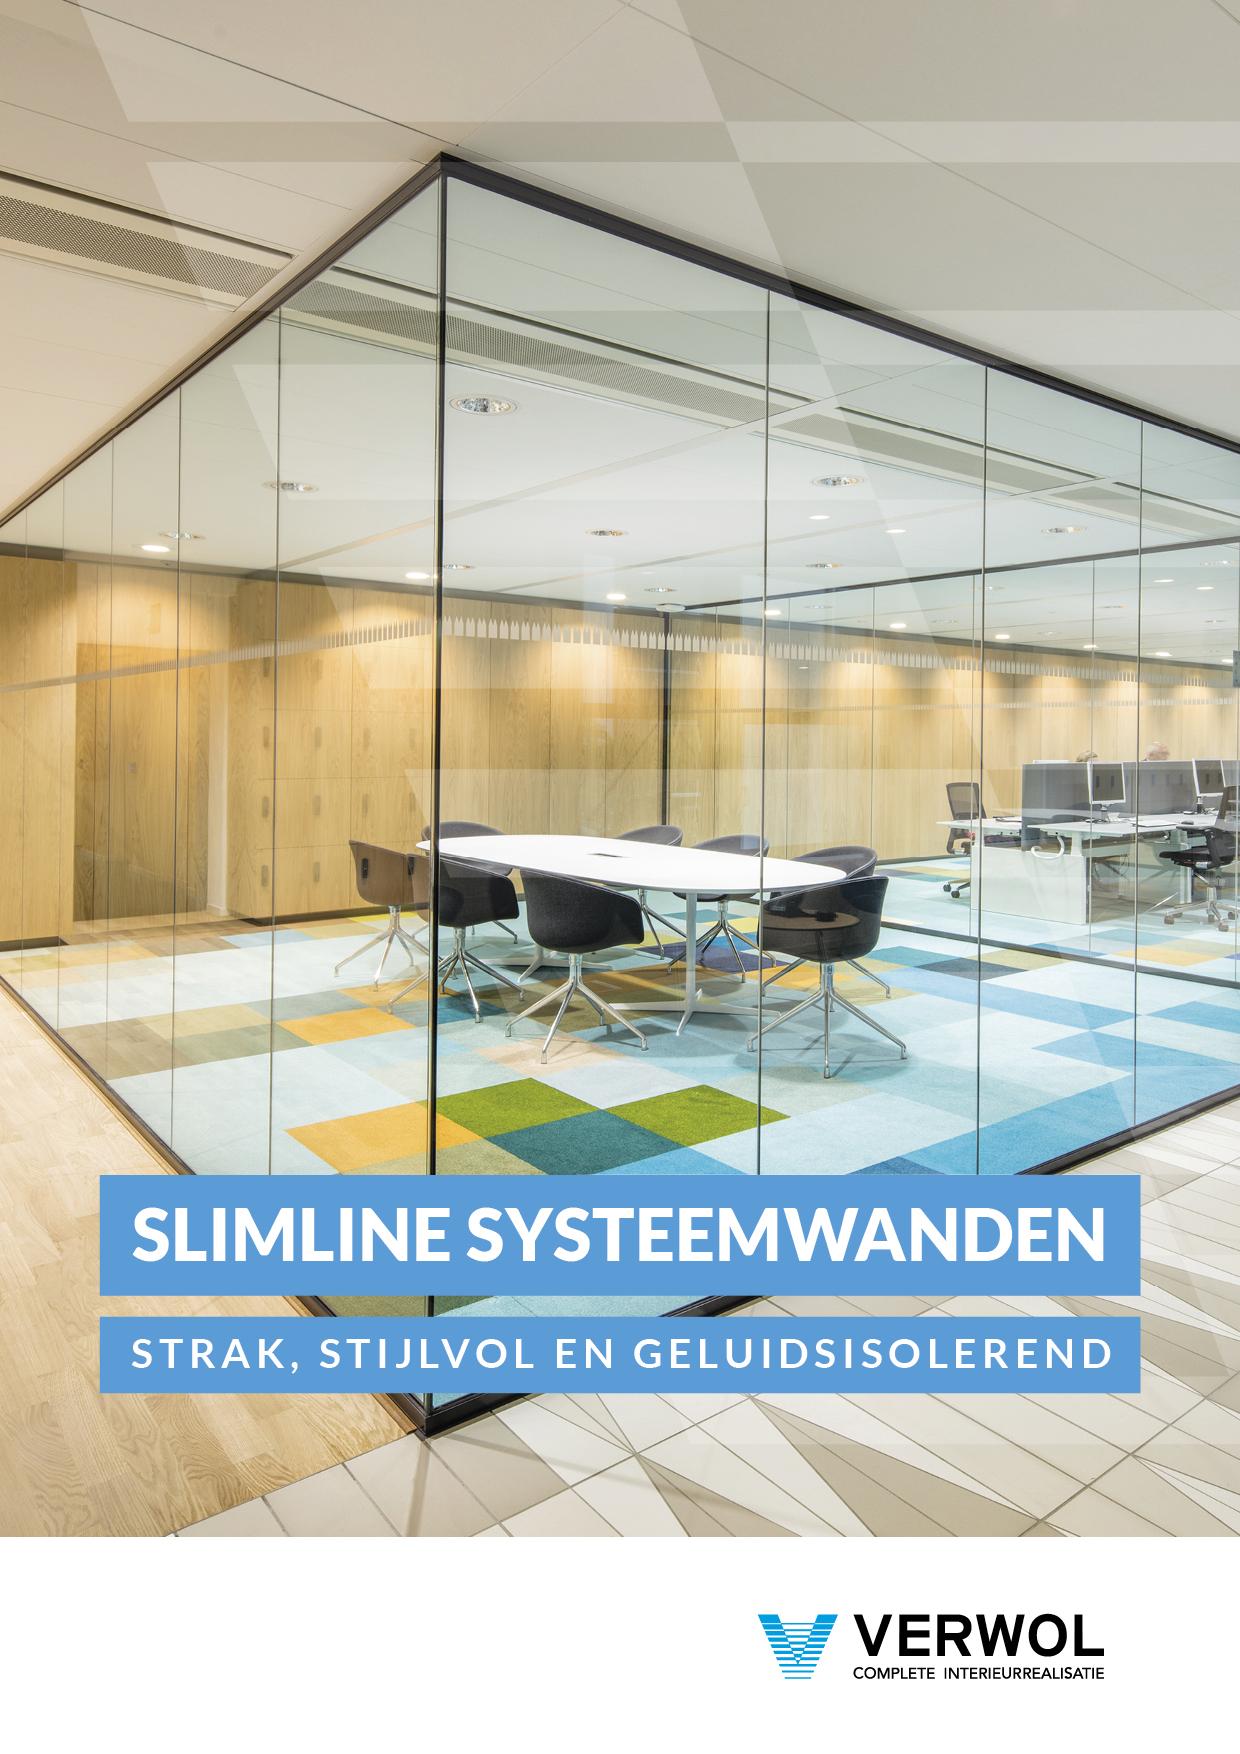 Slimline systeemwanden